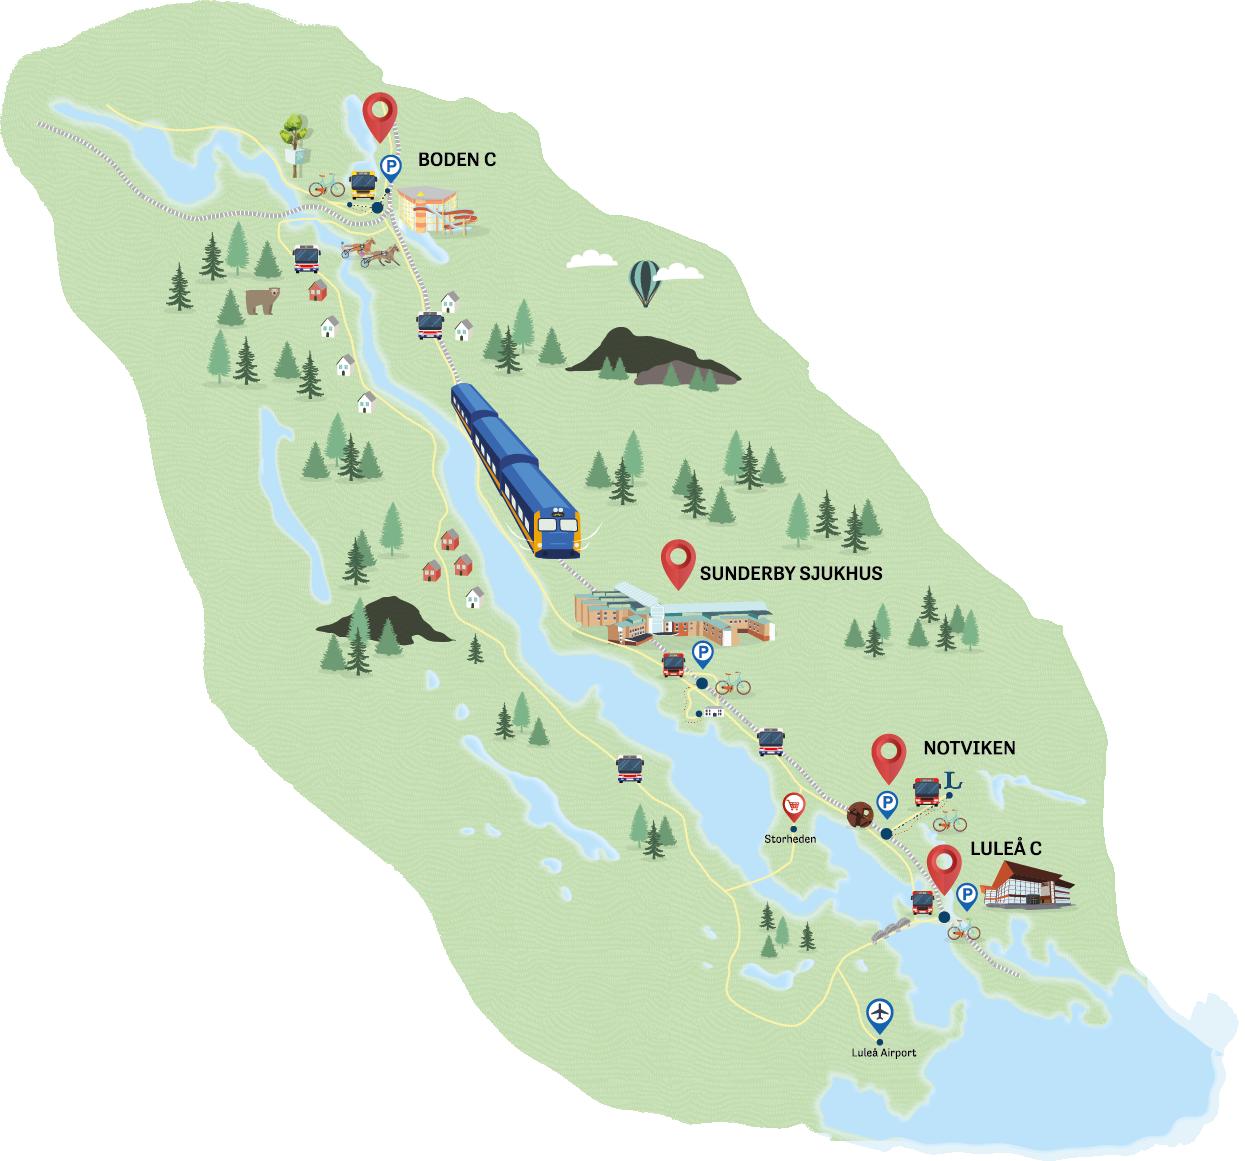 Karta tågpendelstation mellan Luleå och Boden